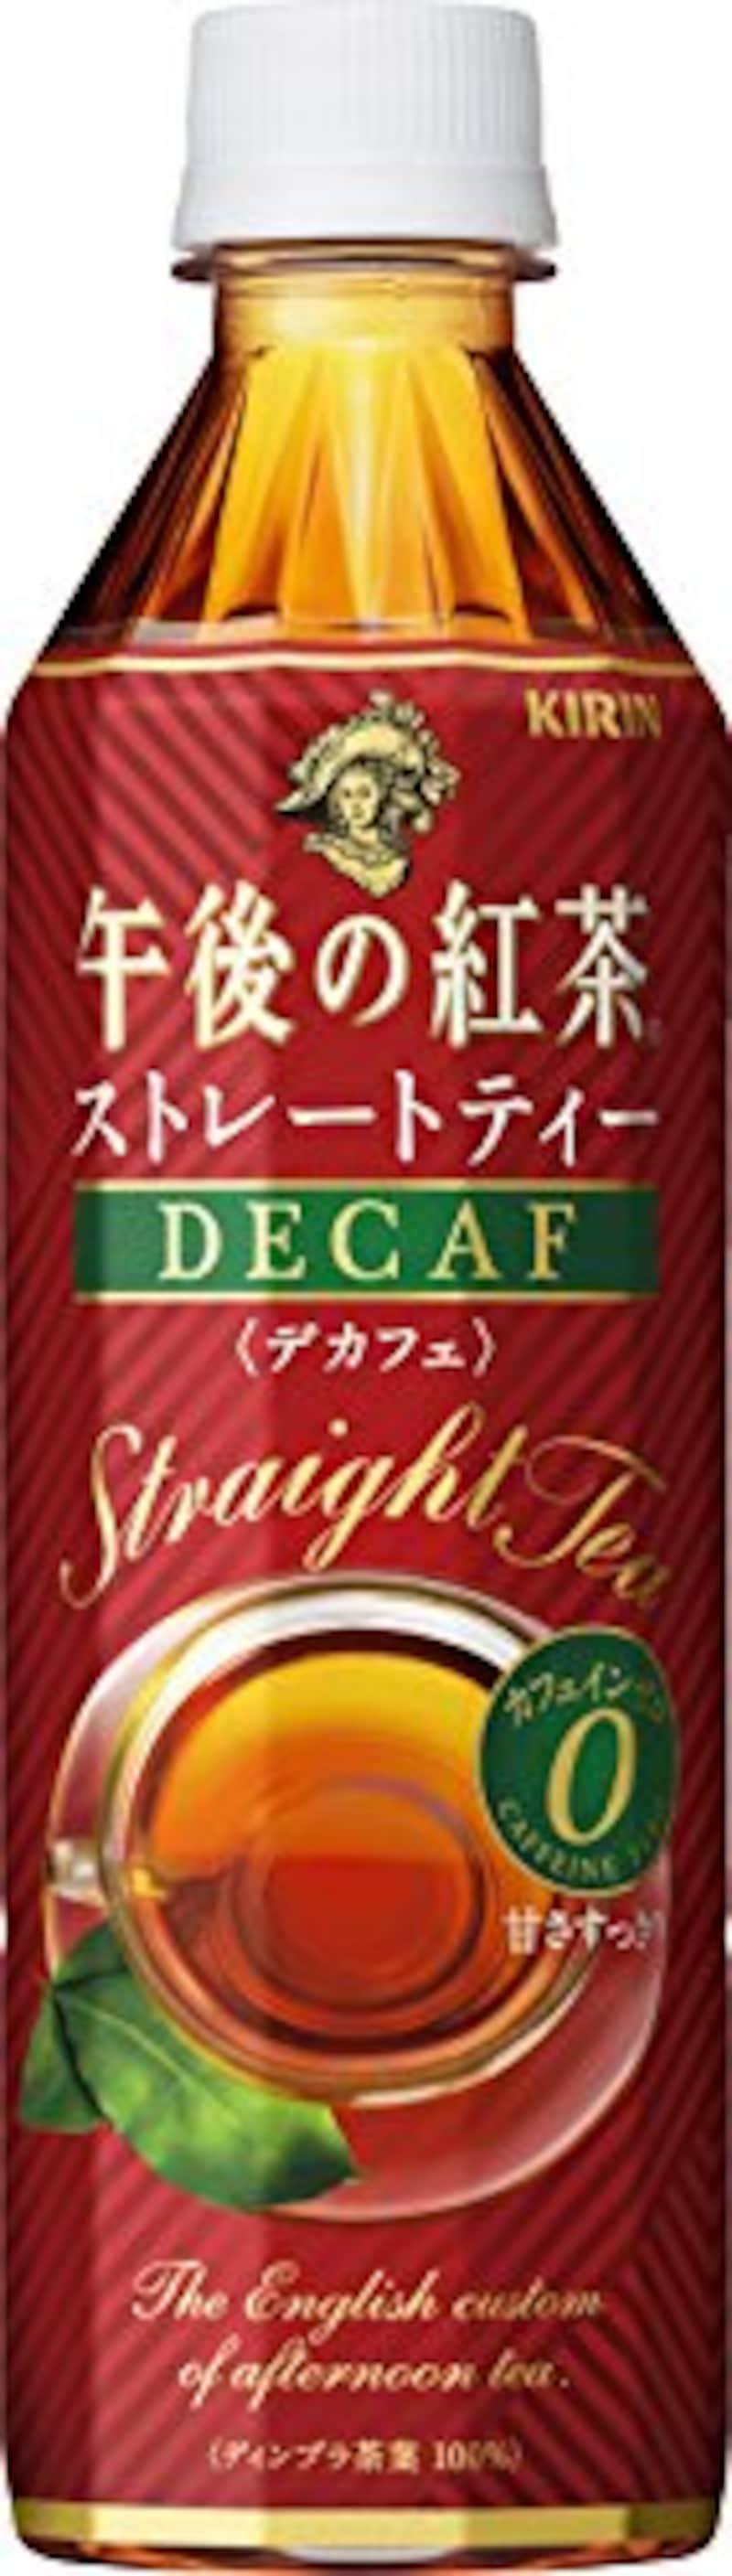 キリン,午後の紅茶 ストレートティー デカフェ